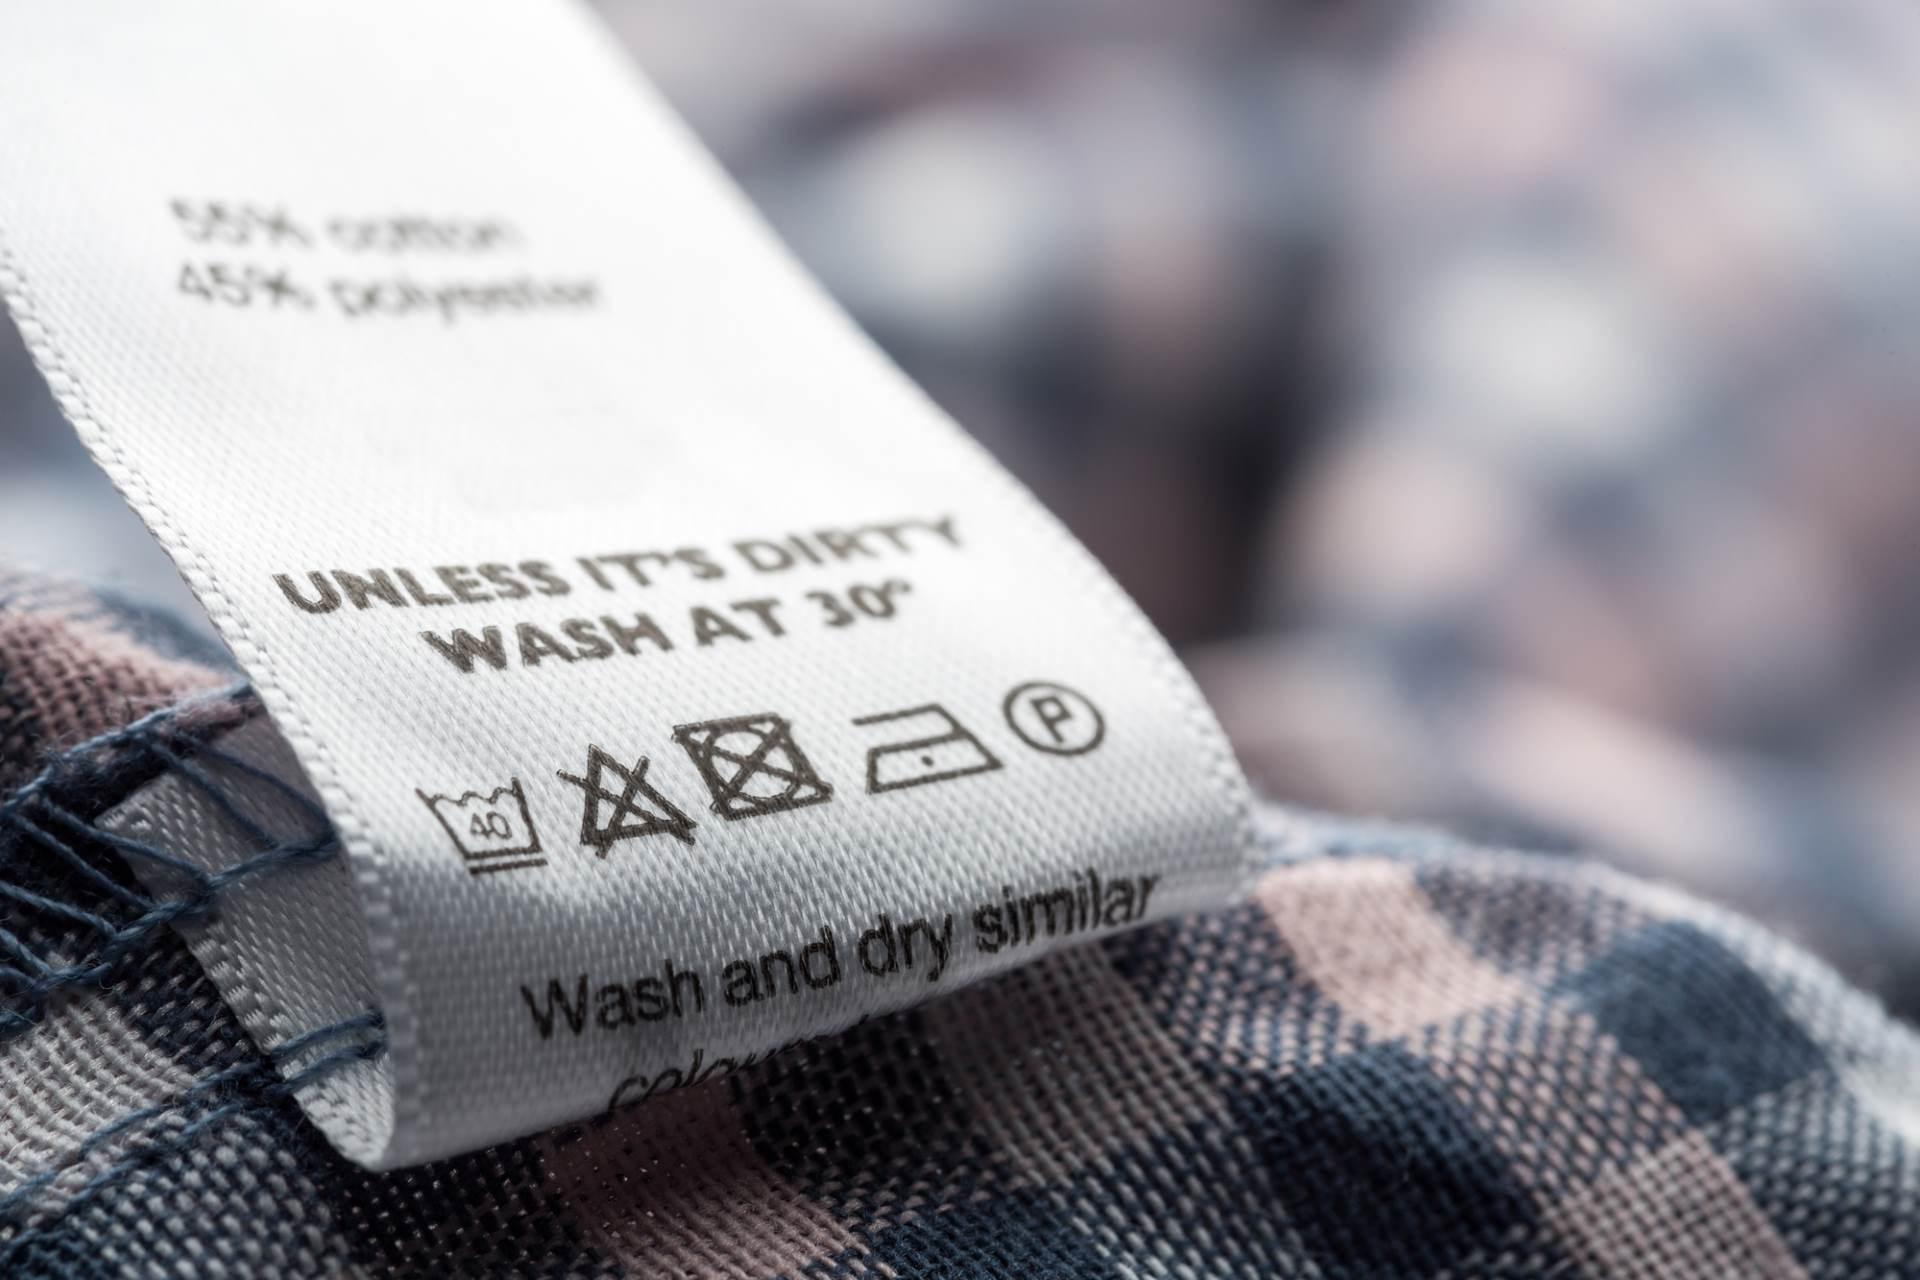 Sportkleidung waschen: Tolle Tipps für saubere Ergebnisse